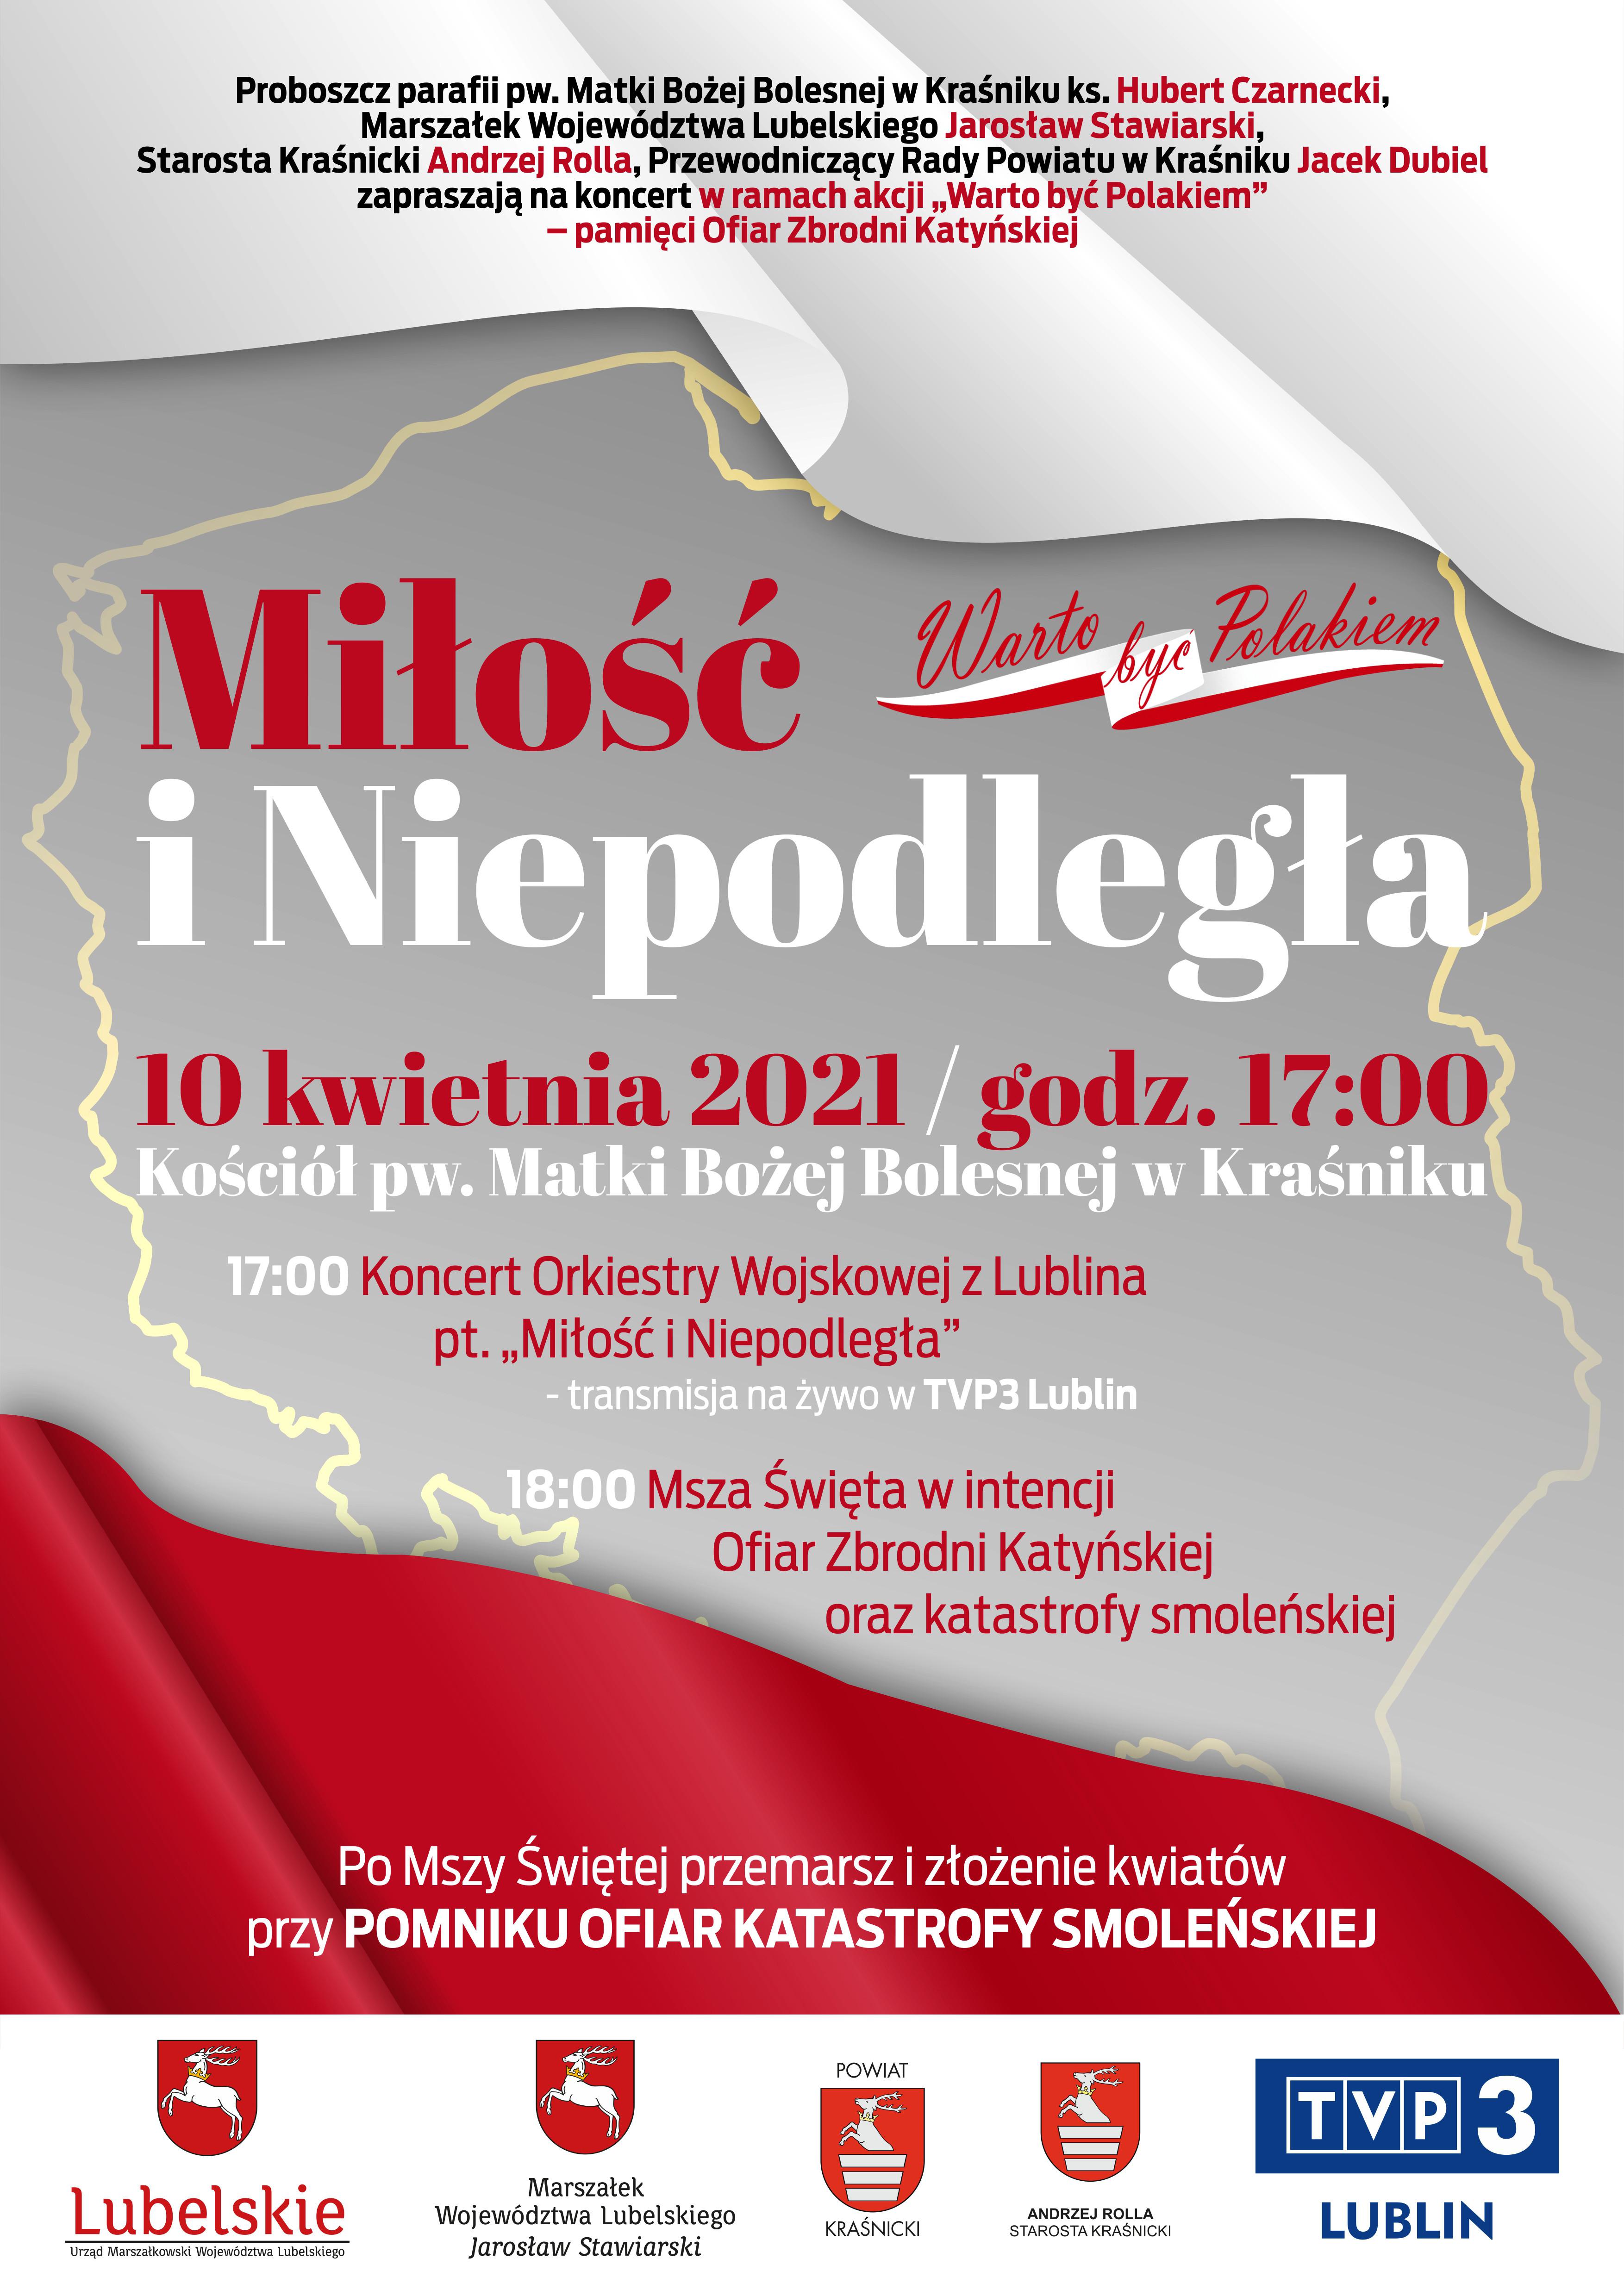 """Koncercie Orkiestry Wojskowej z Lublina pt. """"Miłość i Niepodległa"""""""